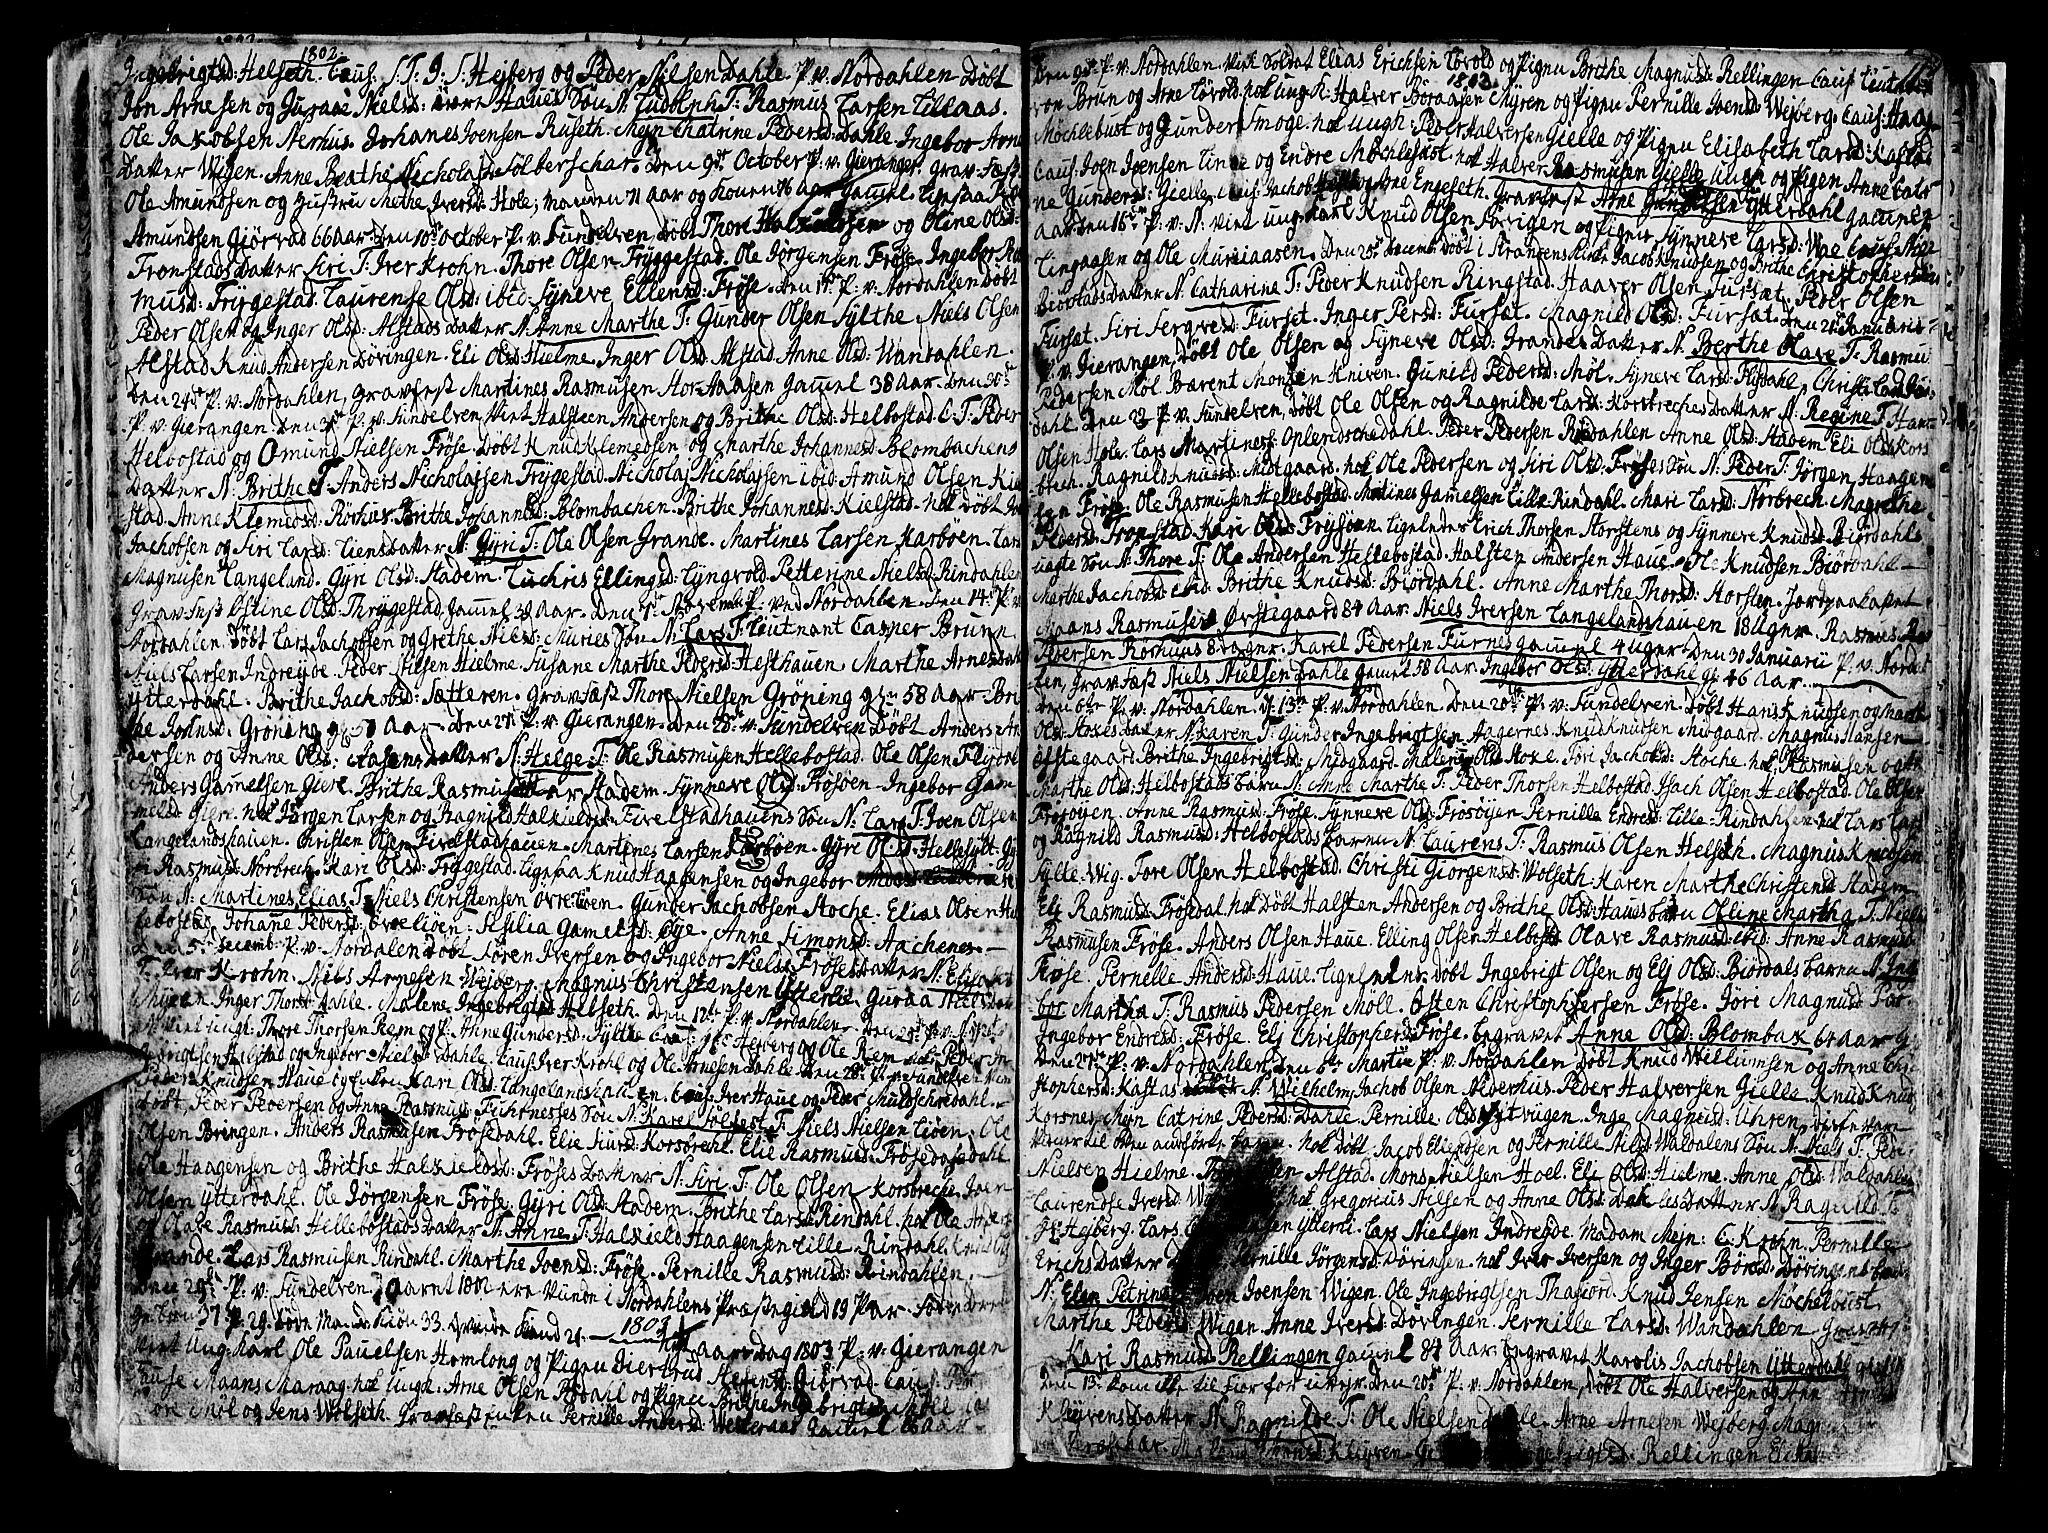 SAT, Ministerialprotokoller, klokkerbøker og fødselsregistre - Møre og Romsdal, 519/L0245: Ministerialbok nr. 519A04, 1774-1816, s. 113